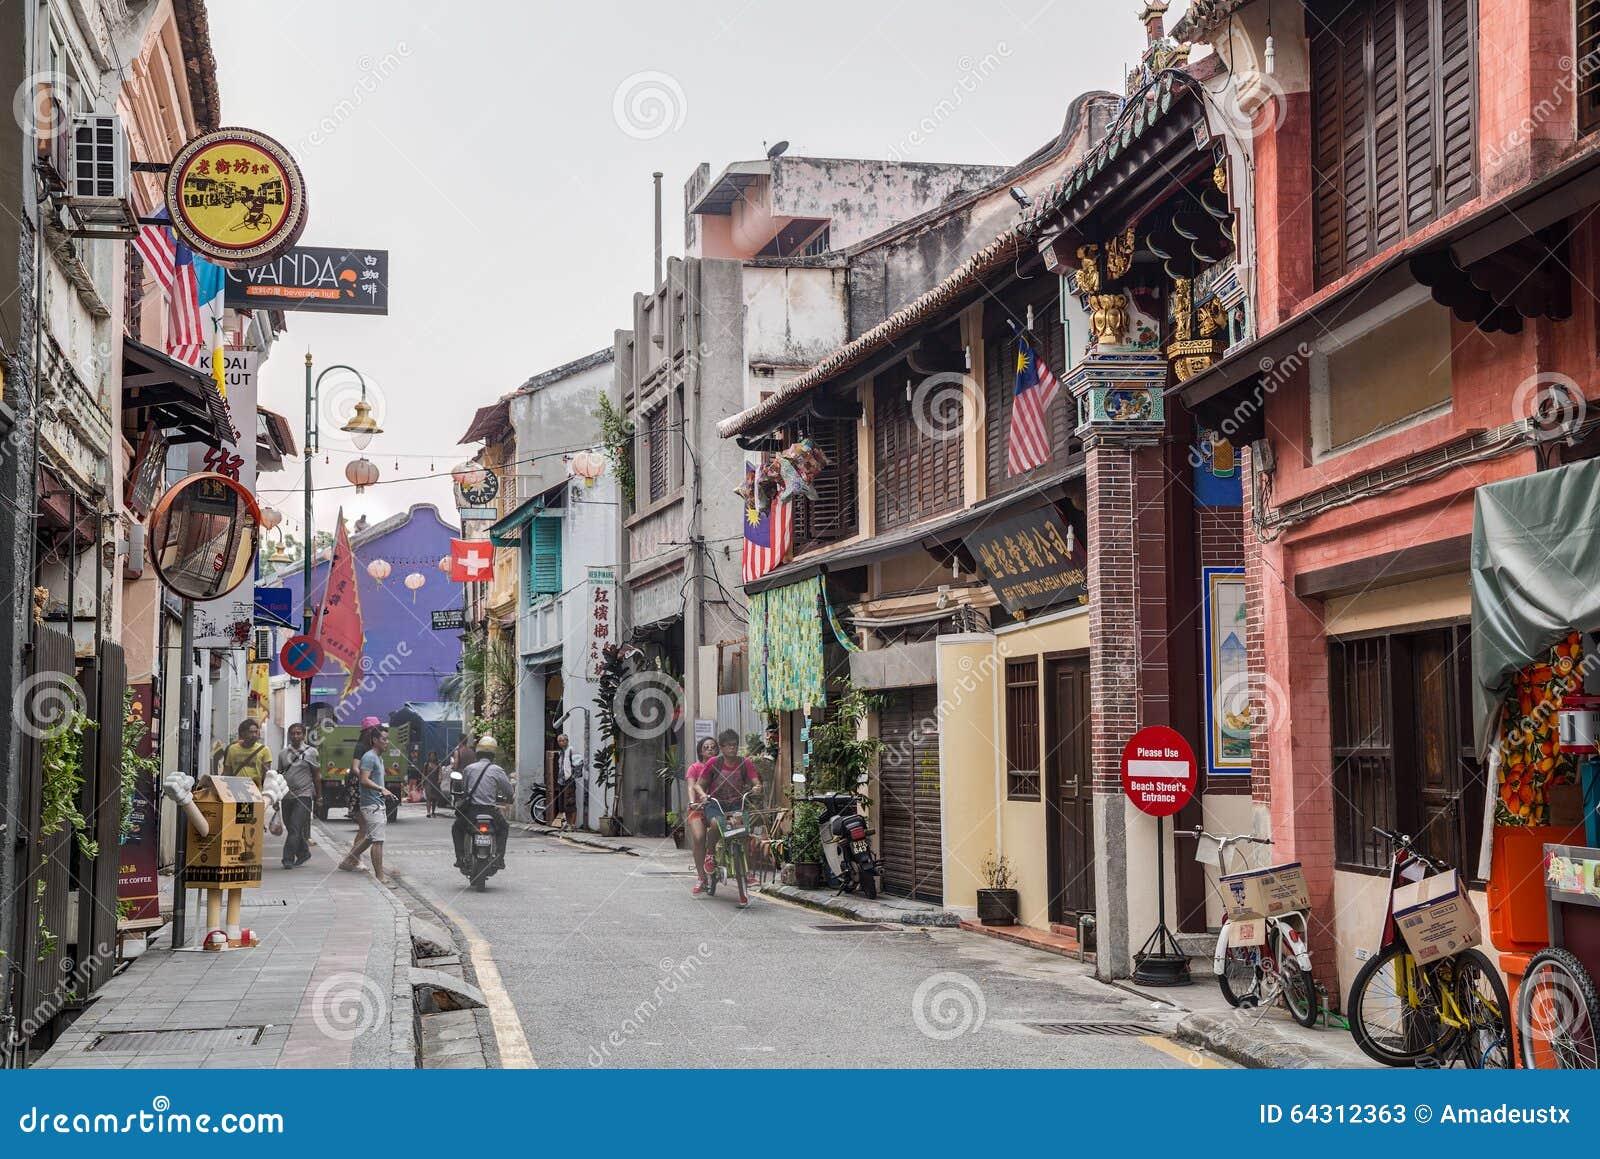 乔治城,槟榔岛/马来西亚-大约2015年10月:老乔治城,槟榔岛,马来西亚街道和建筑学